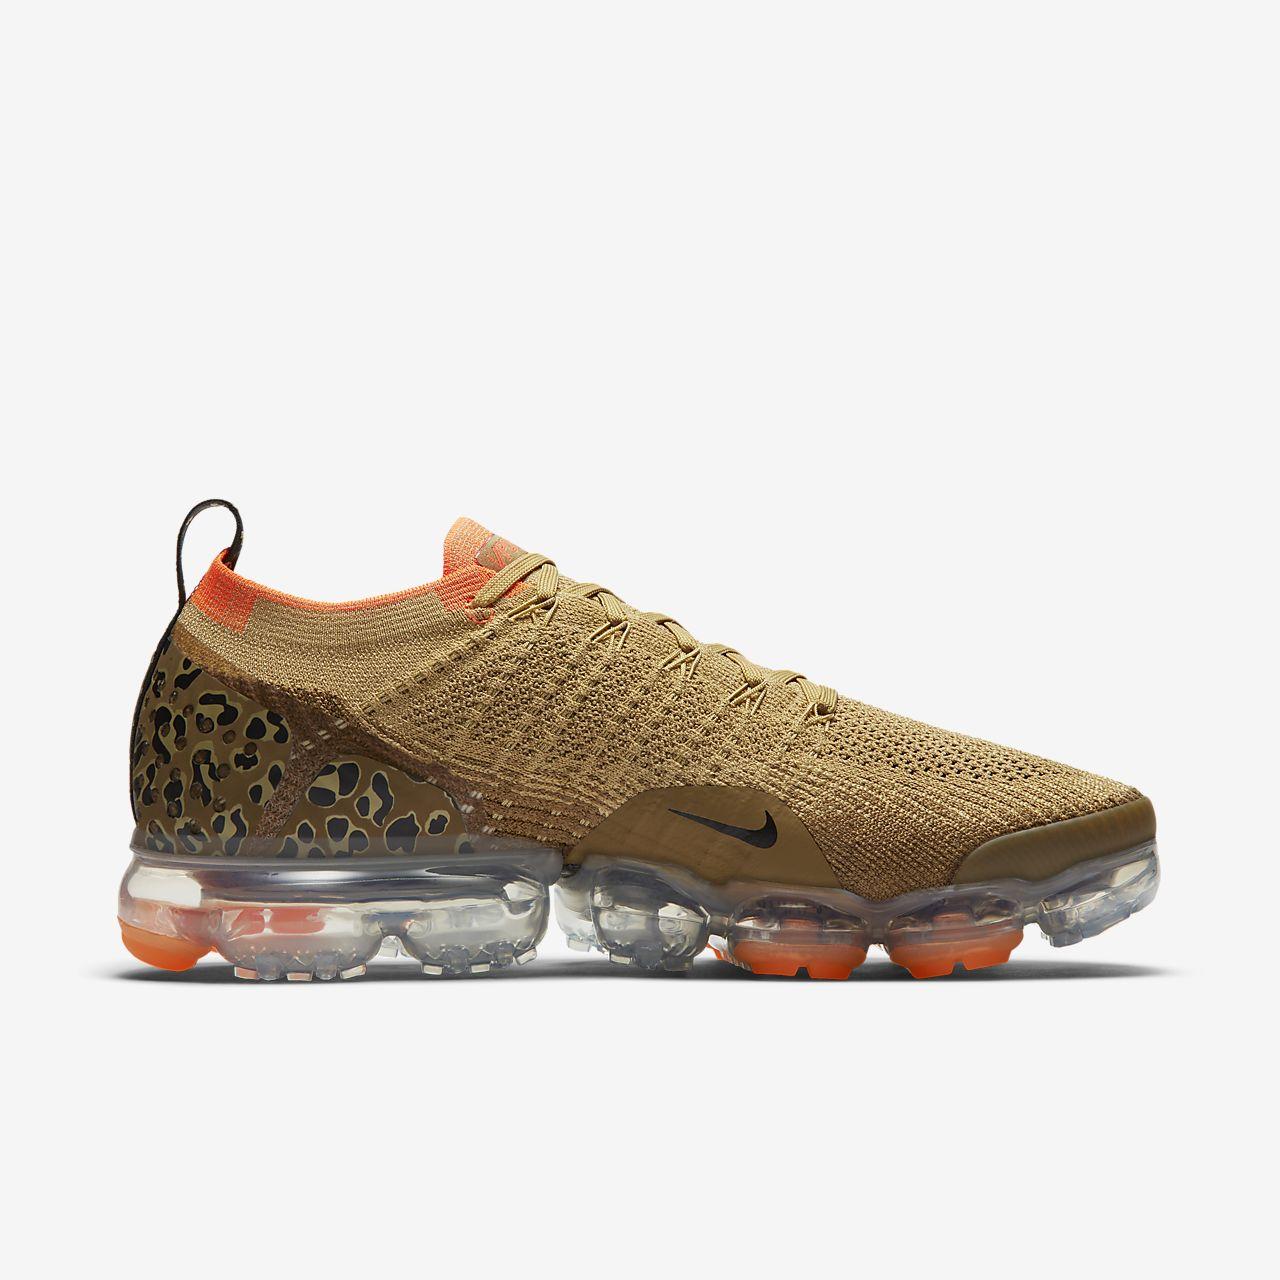 sports shoes 13b9a 11fe2 ... Nike Air VaporMax Flyknit 2 Cheetah Men s Shoe